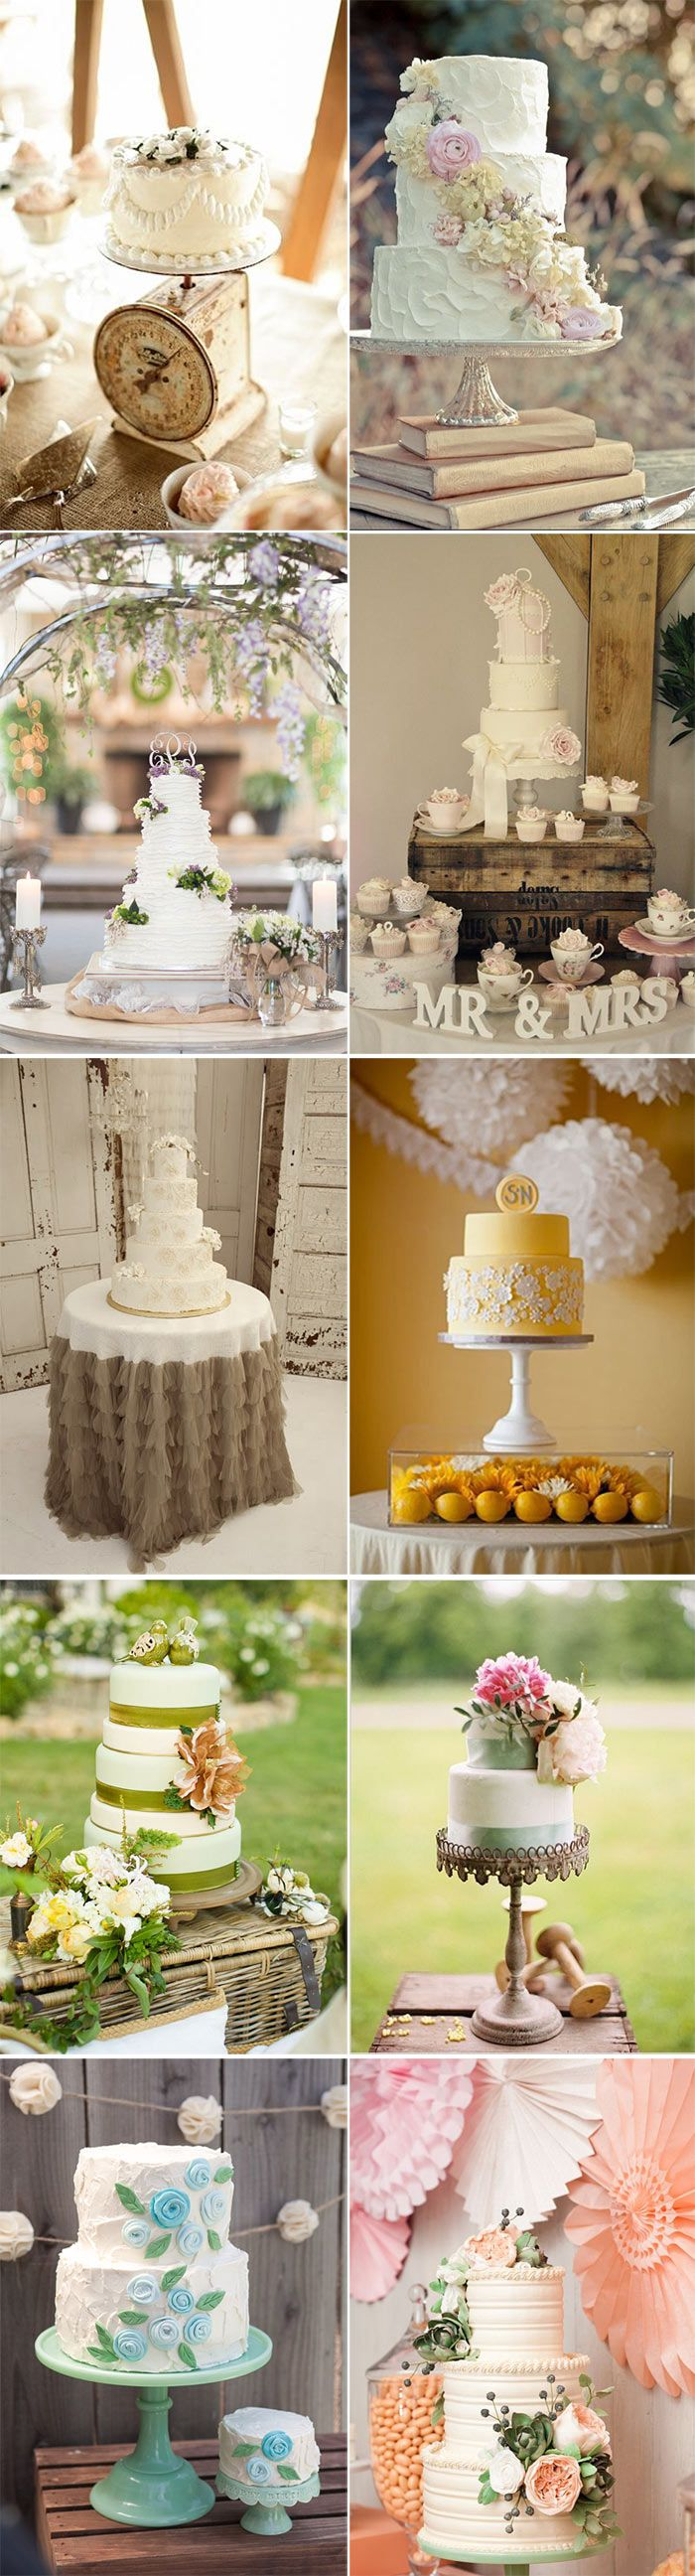 10 ideas originales para presentar las tartas en las bodas: hay que presentar y colocar con estilo la tarta para que hipnotice a nuestros invitados durante toda boda.